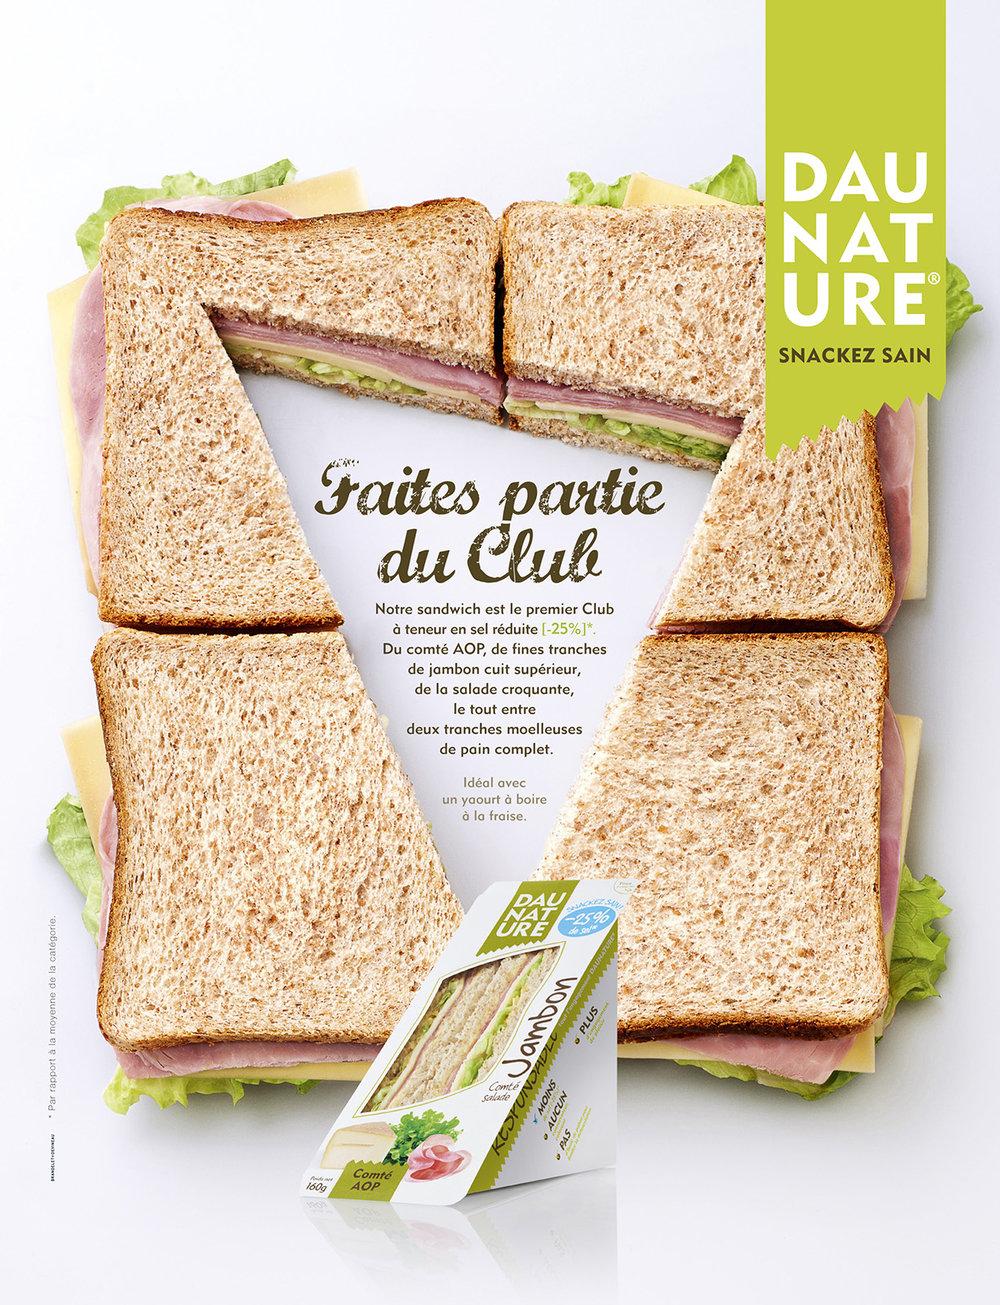 Cecile-et-guillaume_onfaitdesimages-valerie-paumelle-agent-photographe-culinaire (4).jpg